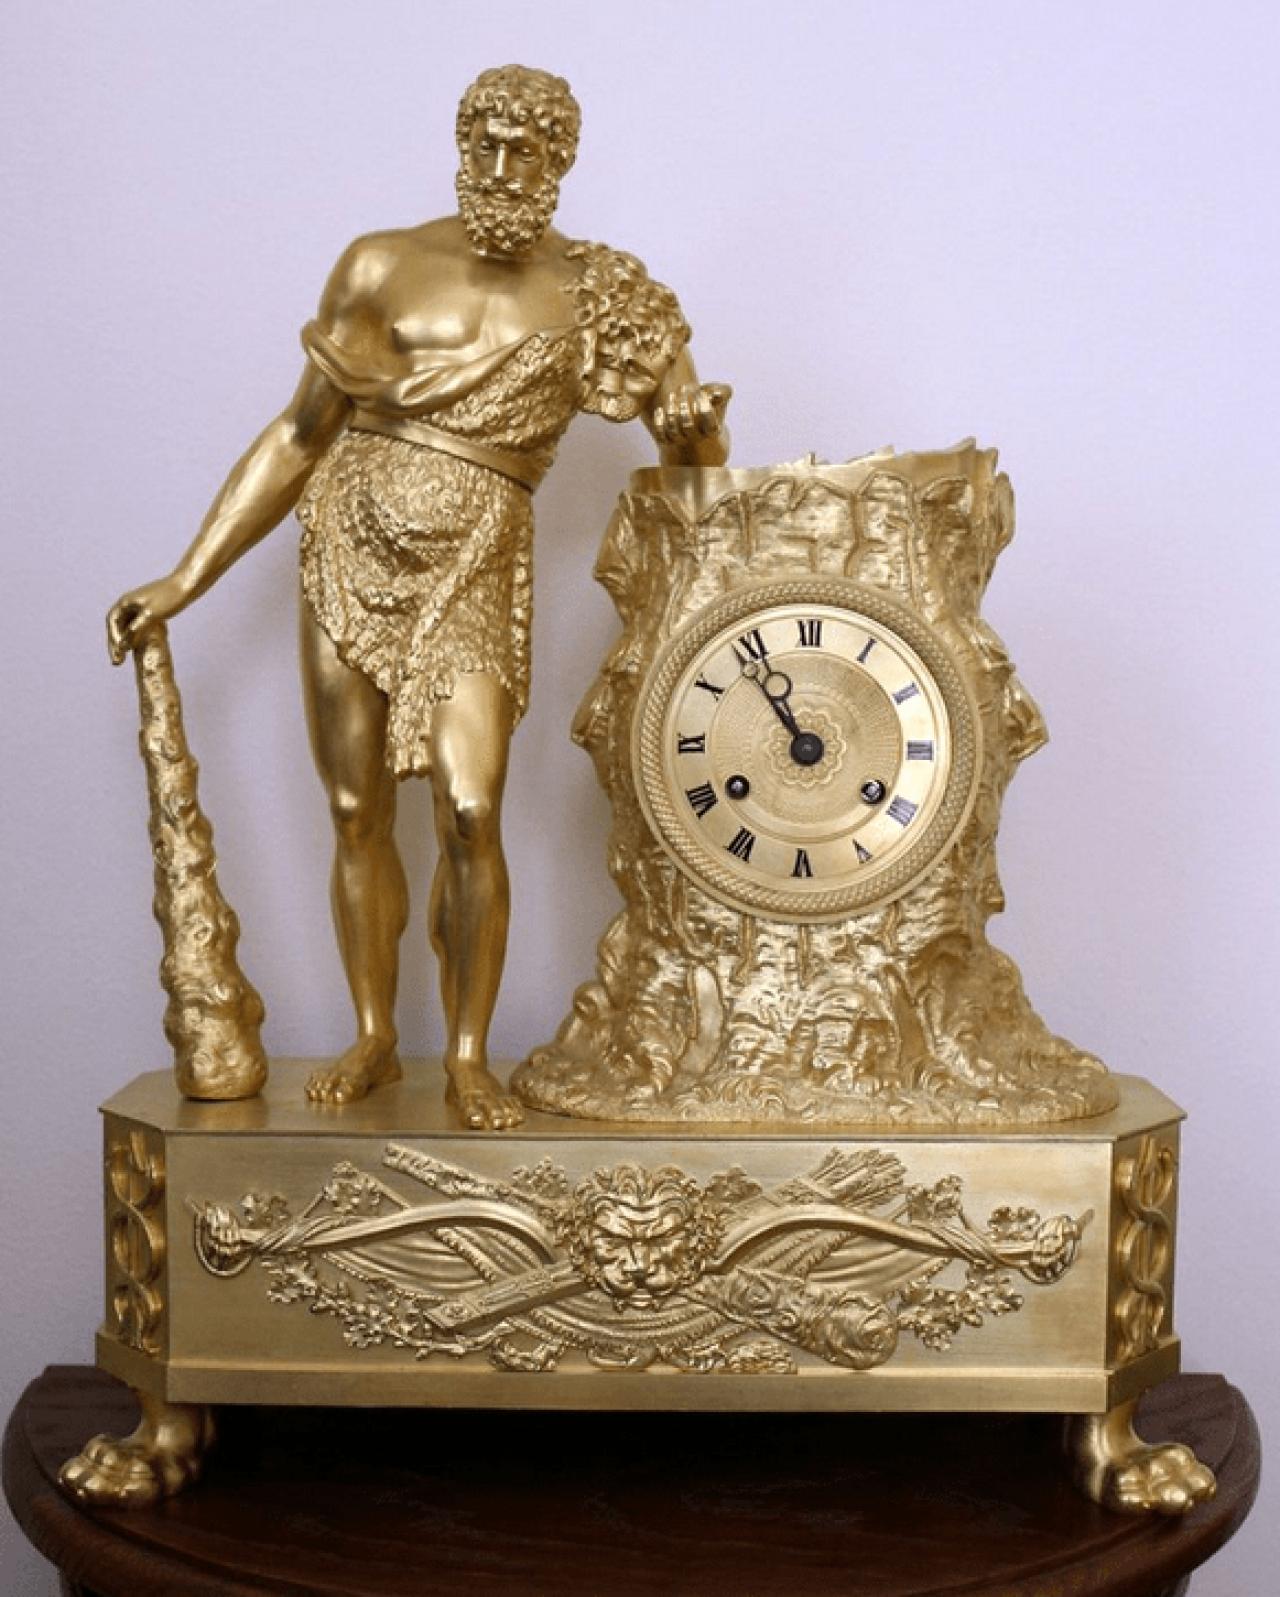 Horloge De Bureau Originale horloge de bureau héraclès,france 19ème siècle - article 2802